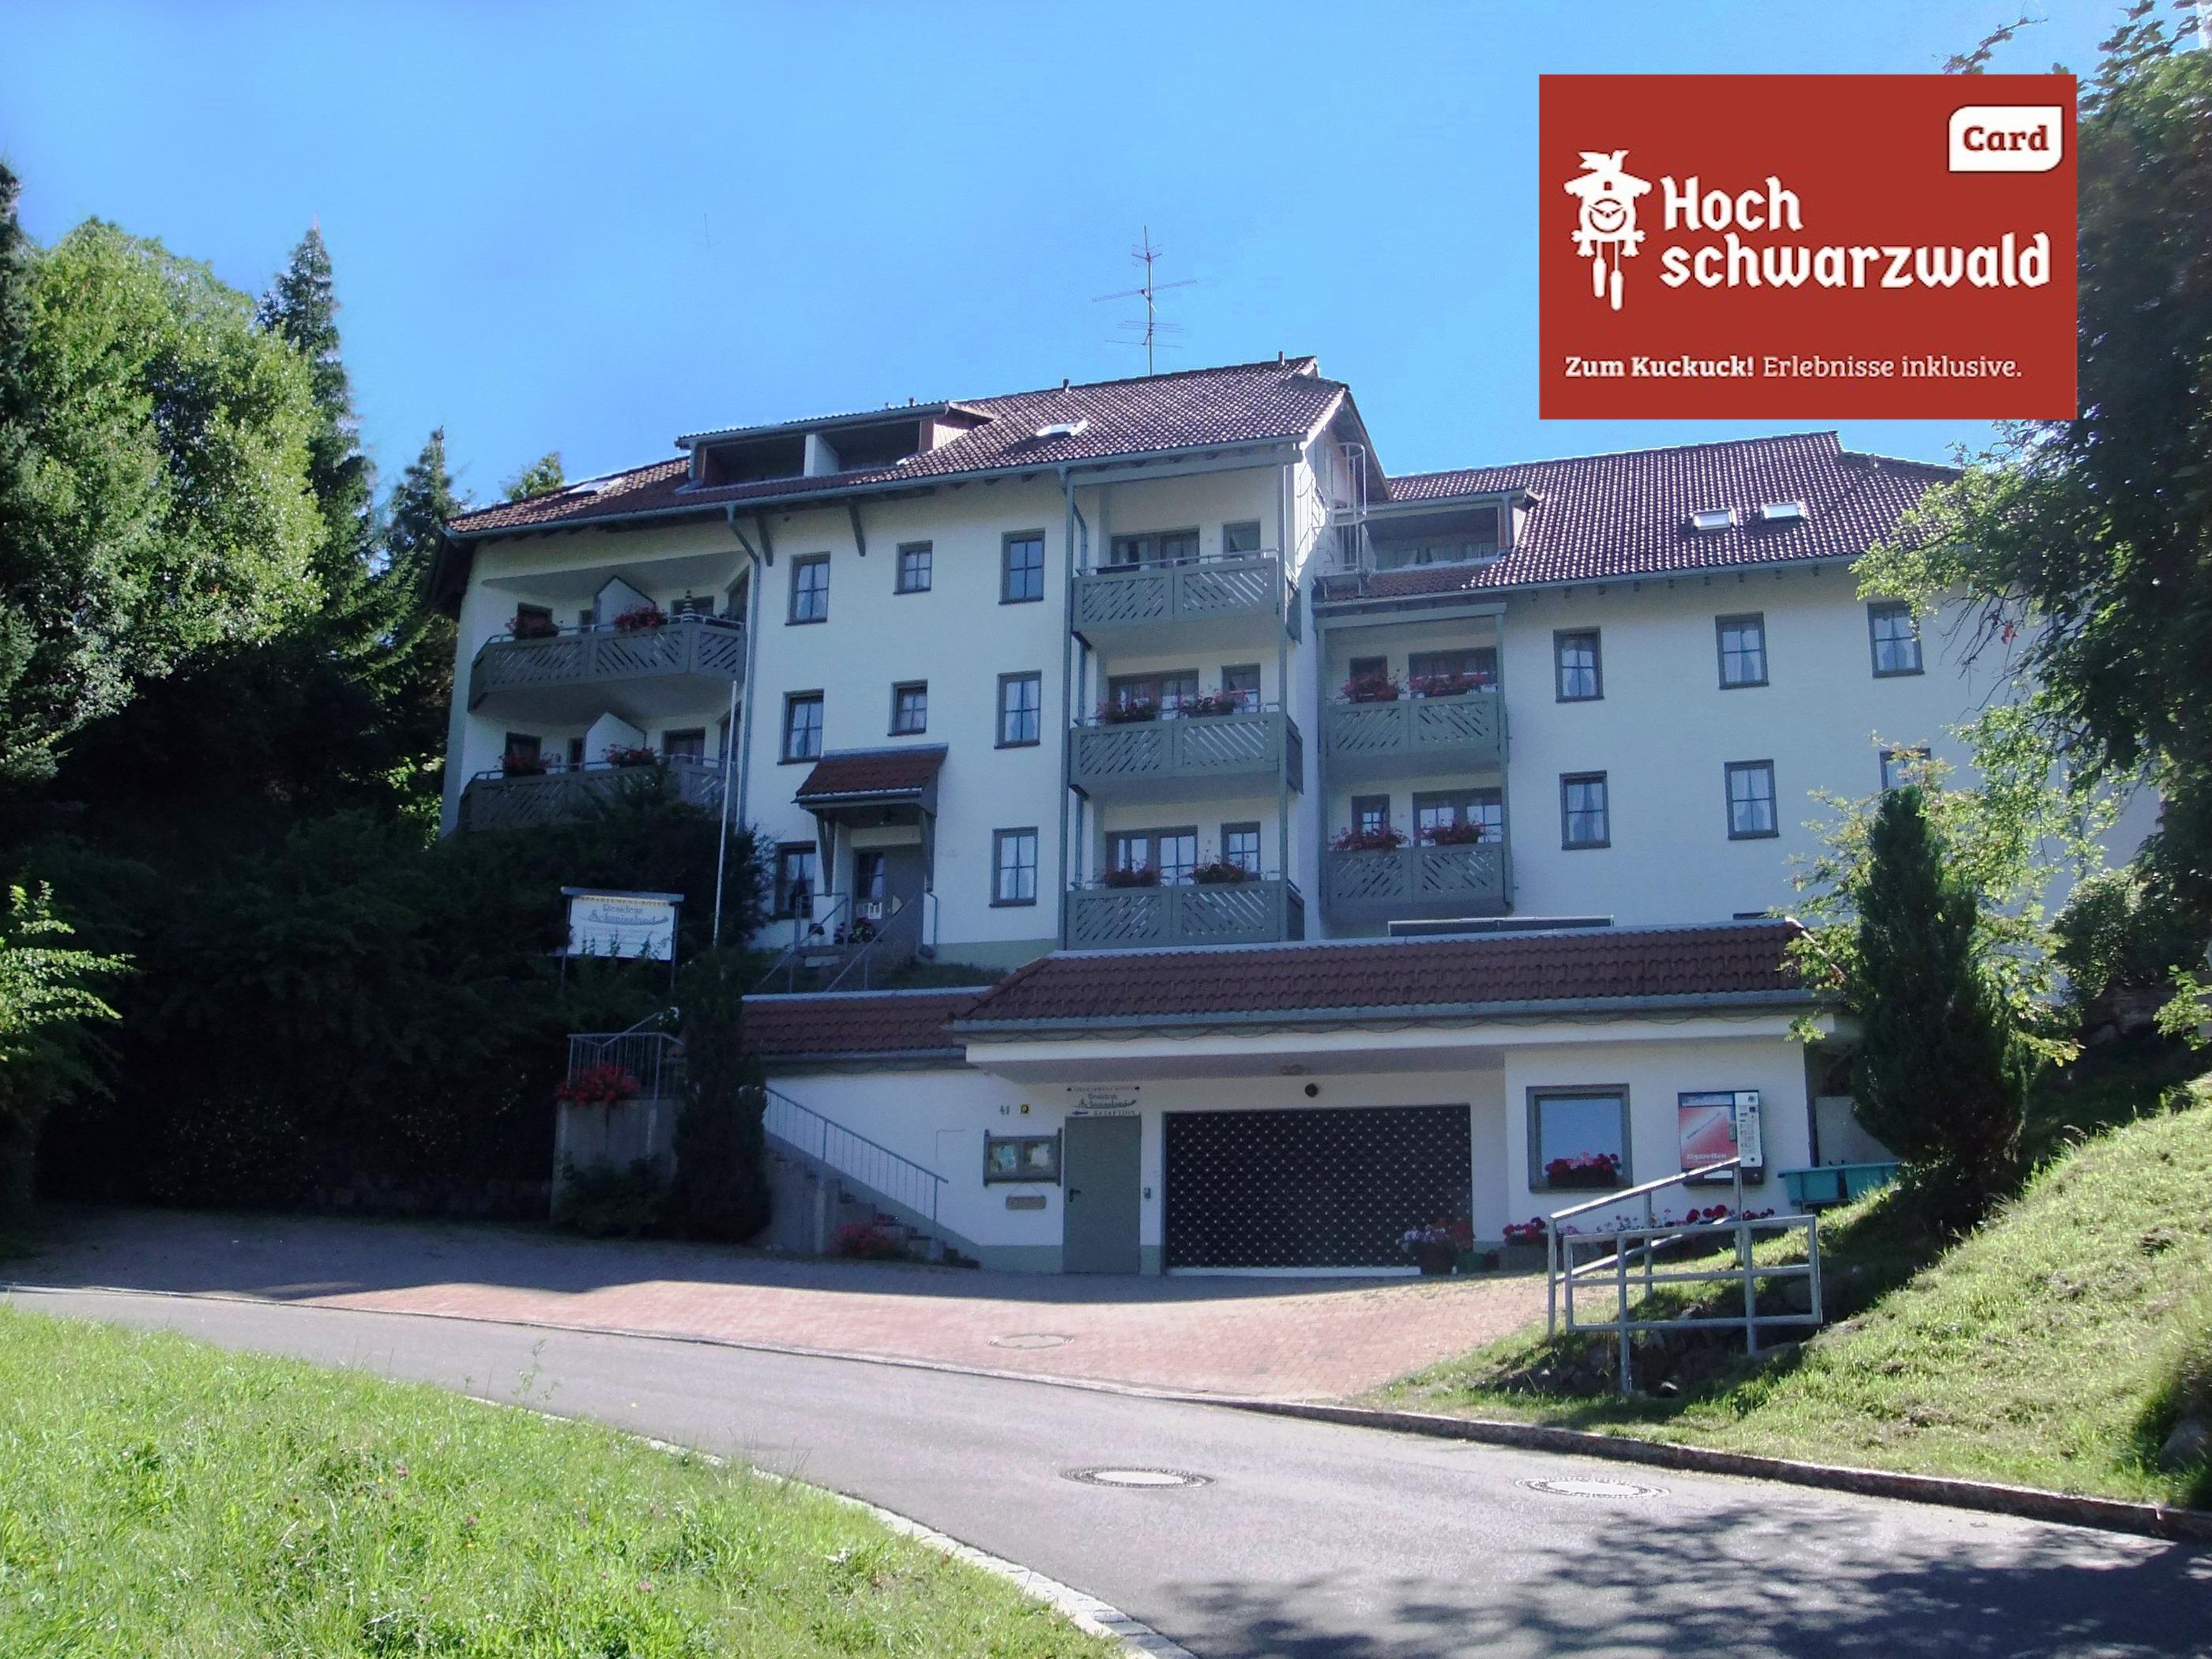 Ferienwohnung Fewo 20 - Residenz Schauinsland- mit SchwimmbadTodtnauberg bei Feldberg (2641795), Todtnau, Schwarzwald, Baden-Württemberg, Deutschland, Bild 13